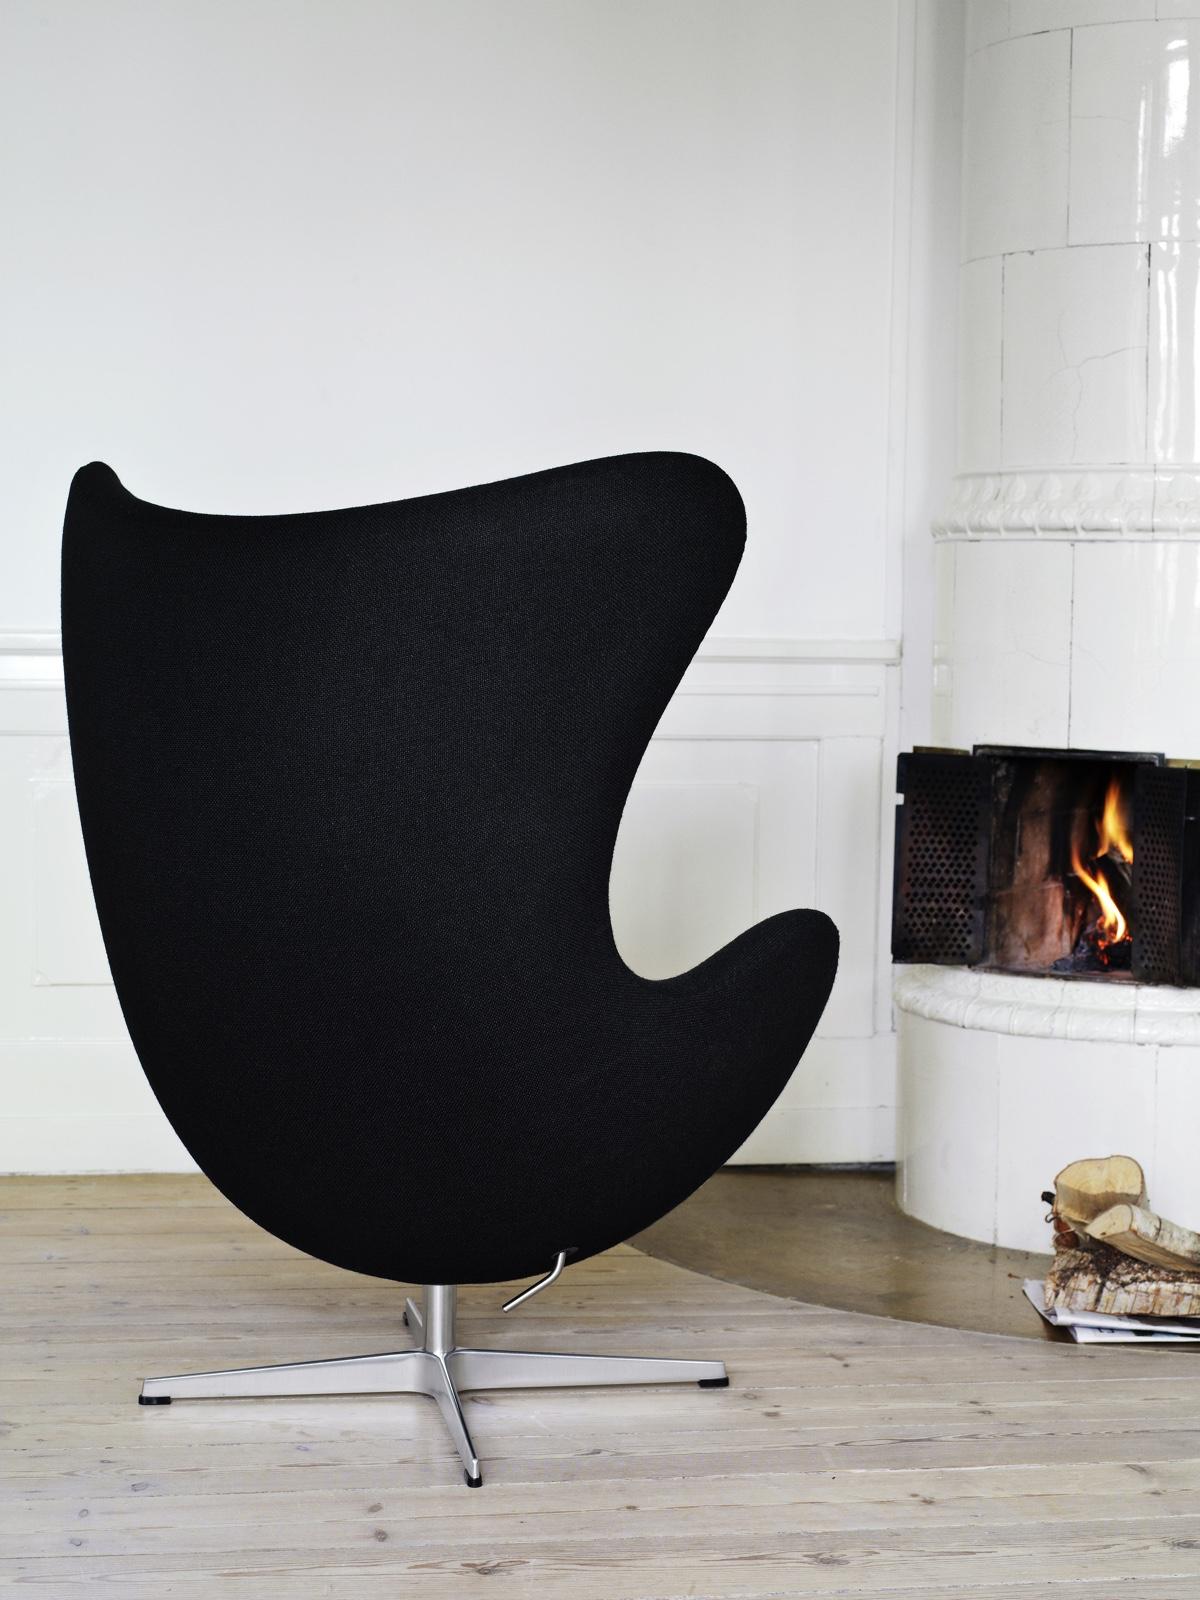 Черный стул 50-х годов в стиле мид-сенчури